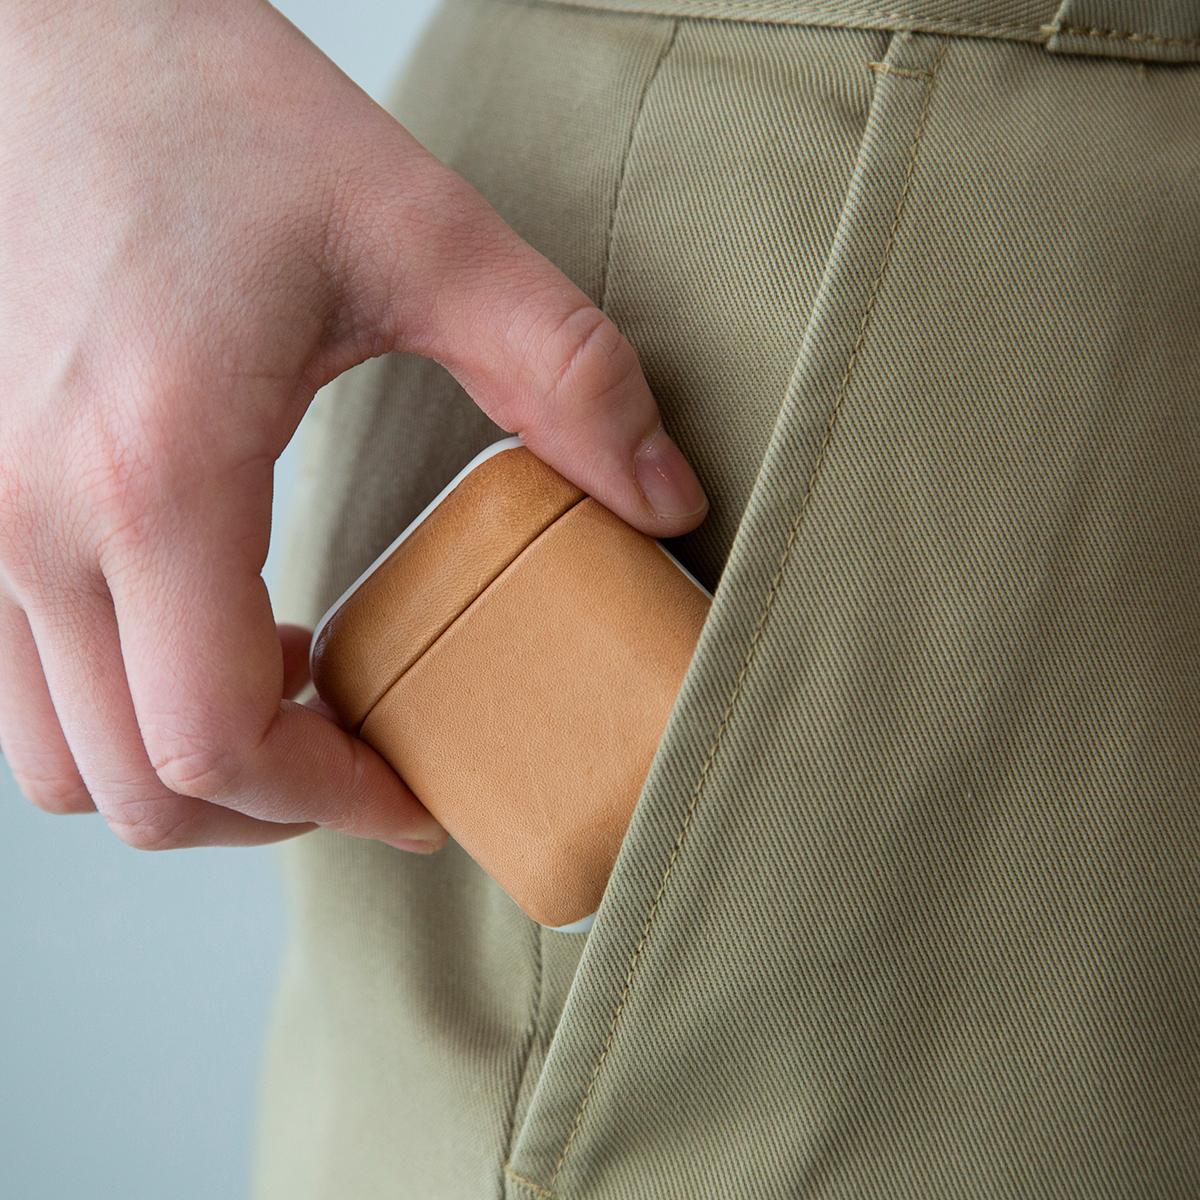 わずか12gと軽く、最初から革を纏っていたかのような自然なフィット感のヌメ革のAirPodsケース・Apple Watchバンド|NOMAD